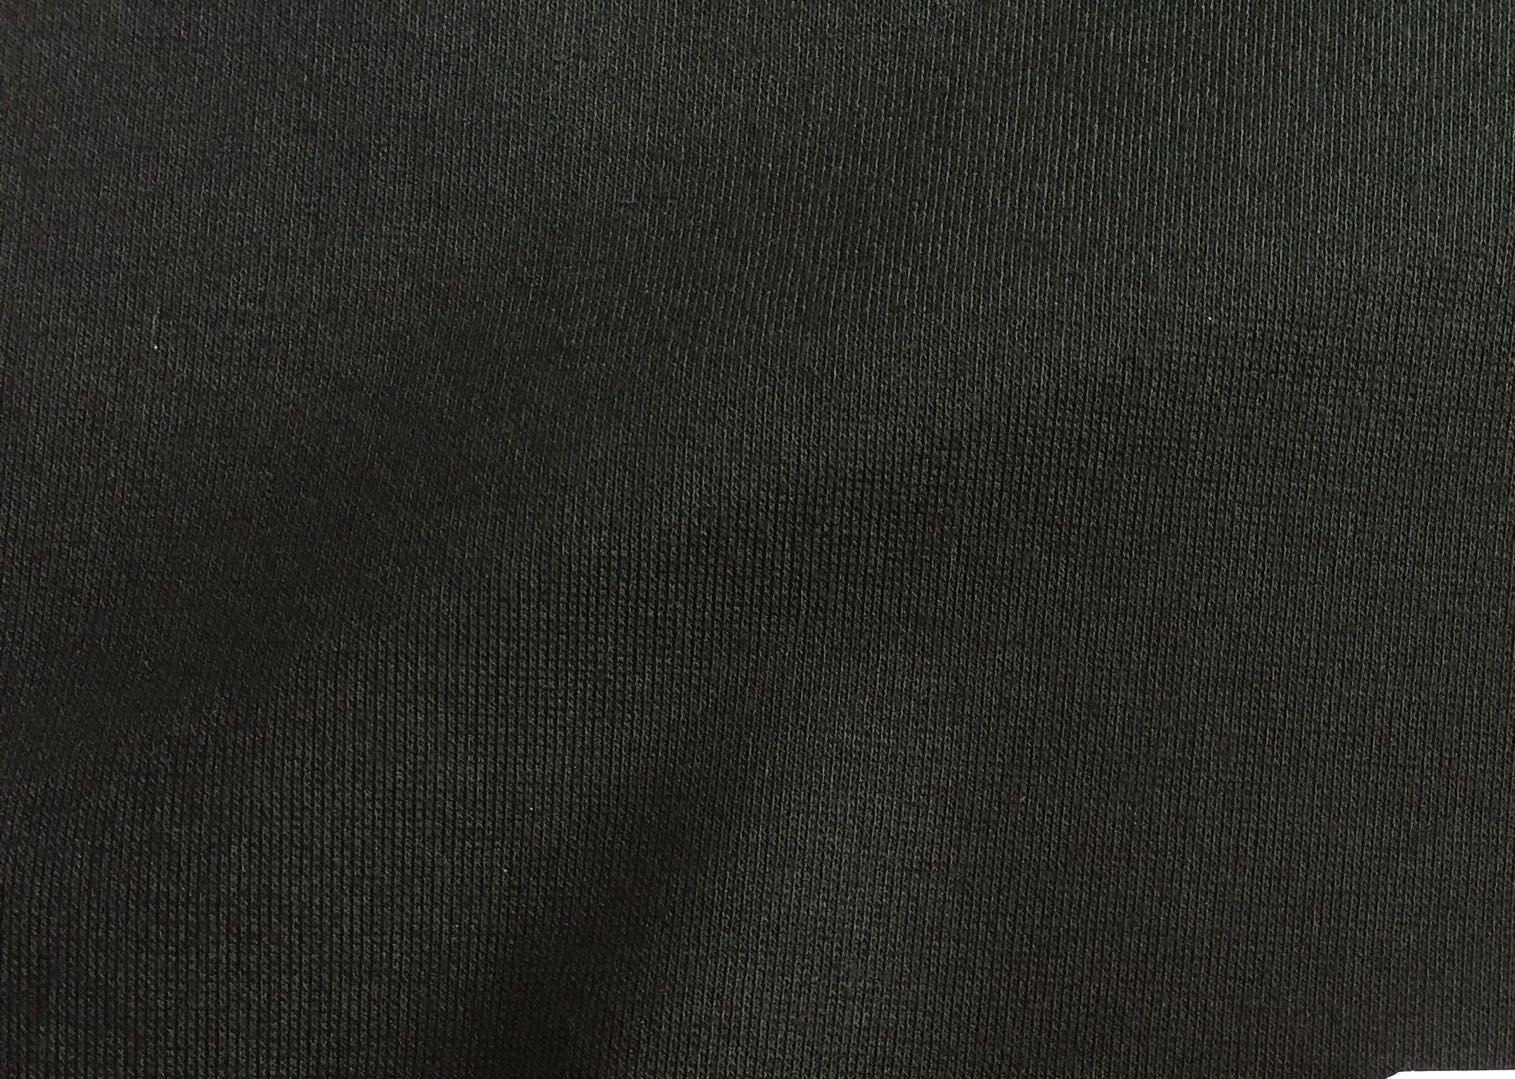 40sNR-roma fabric (SCY product model)